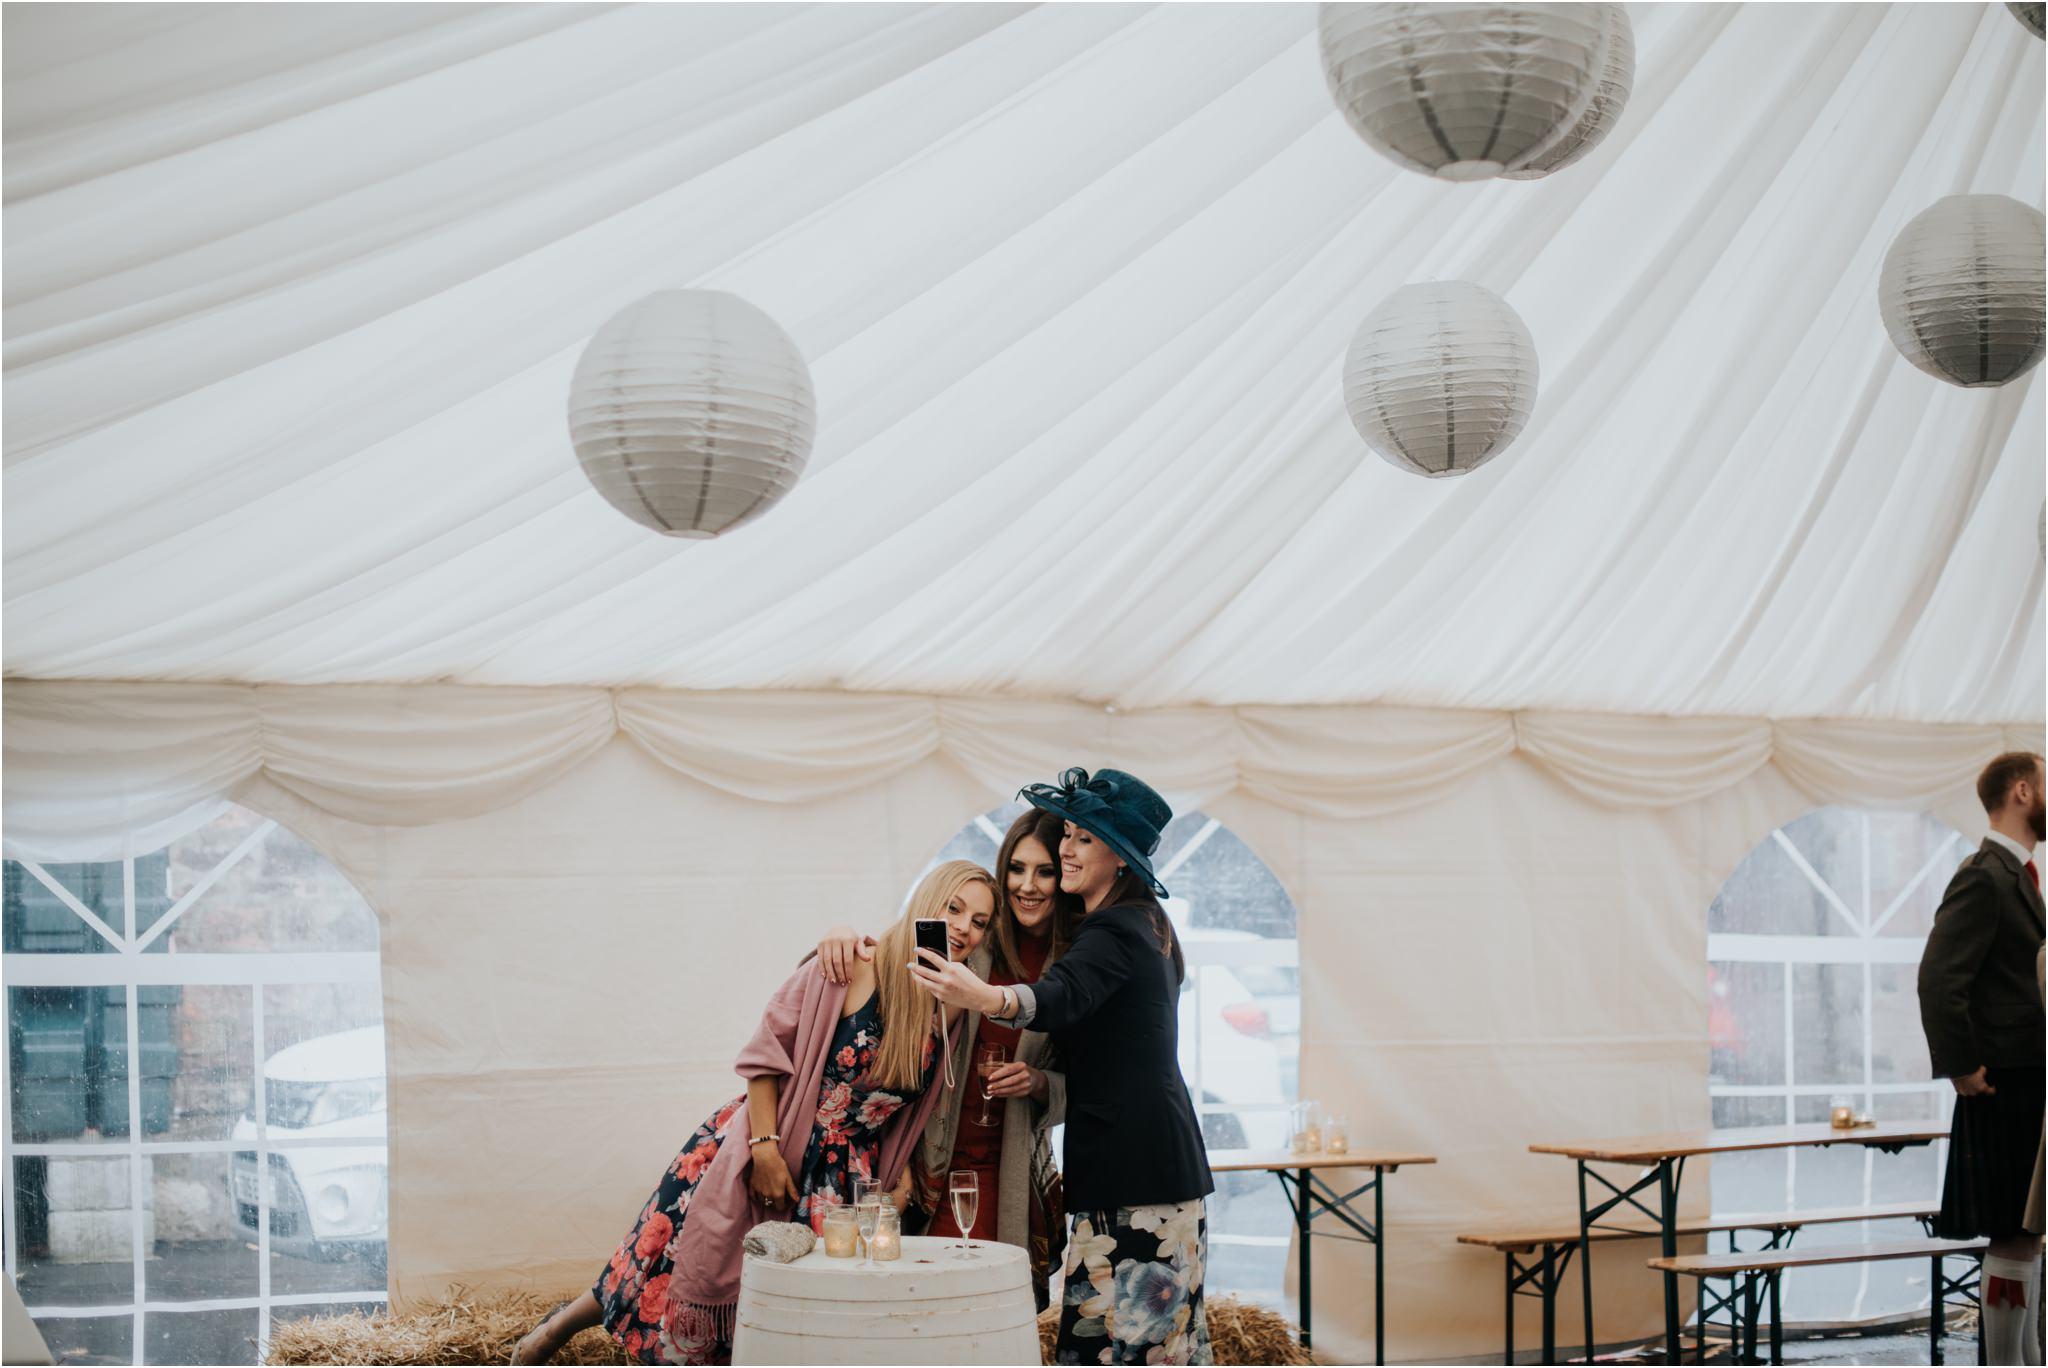 Photography 78 - Glasgow Wedding Photographer - Pete & Eilidh - Dalduff Farm_0014.jpg